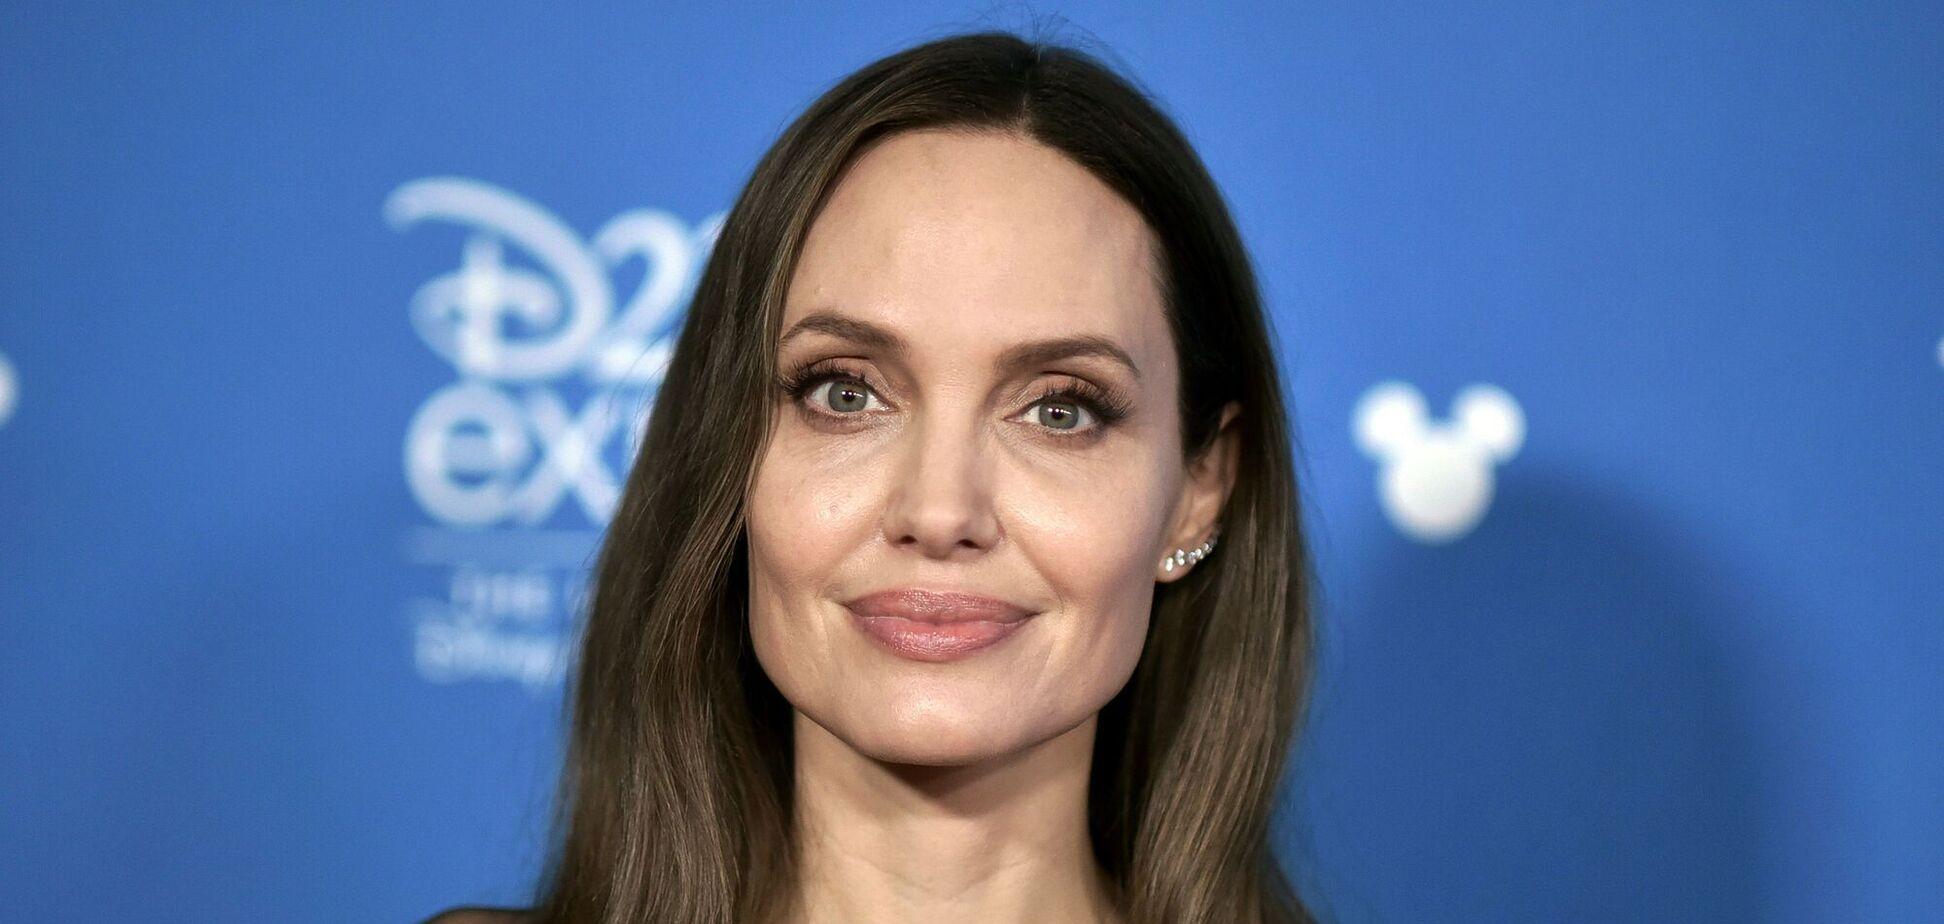 Анджеліна Джолі зареєструвалася в Instagram і опублікувала перший допис. Фото